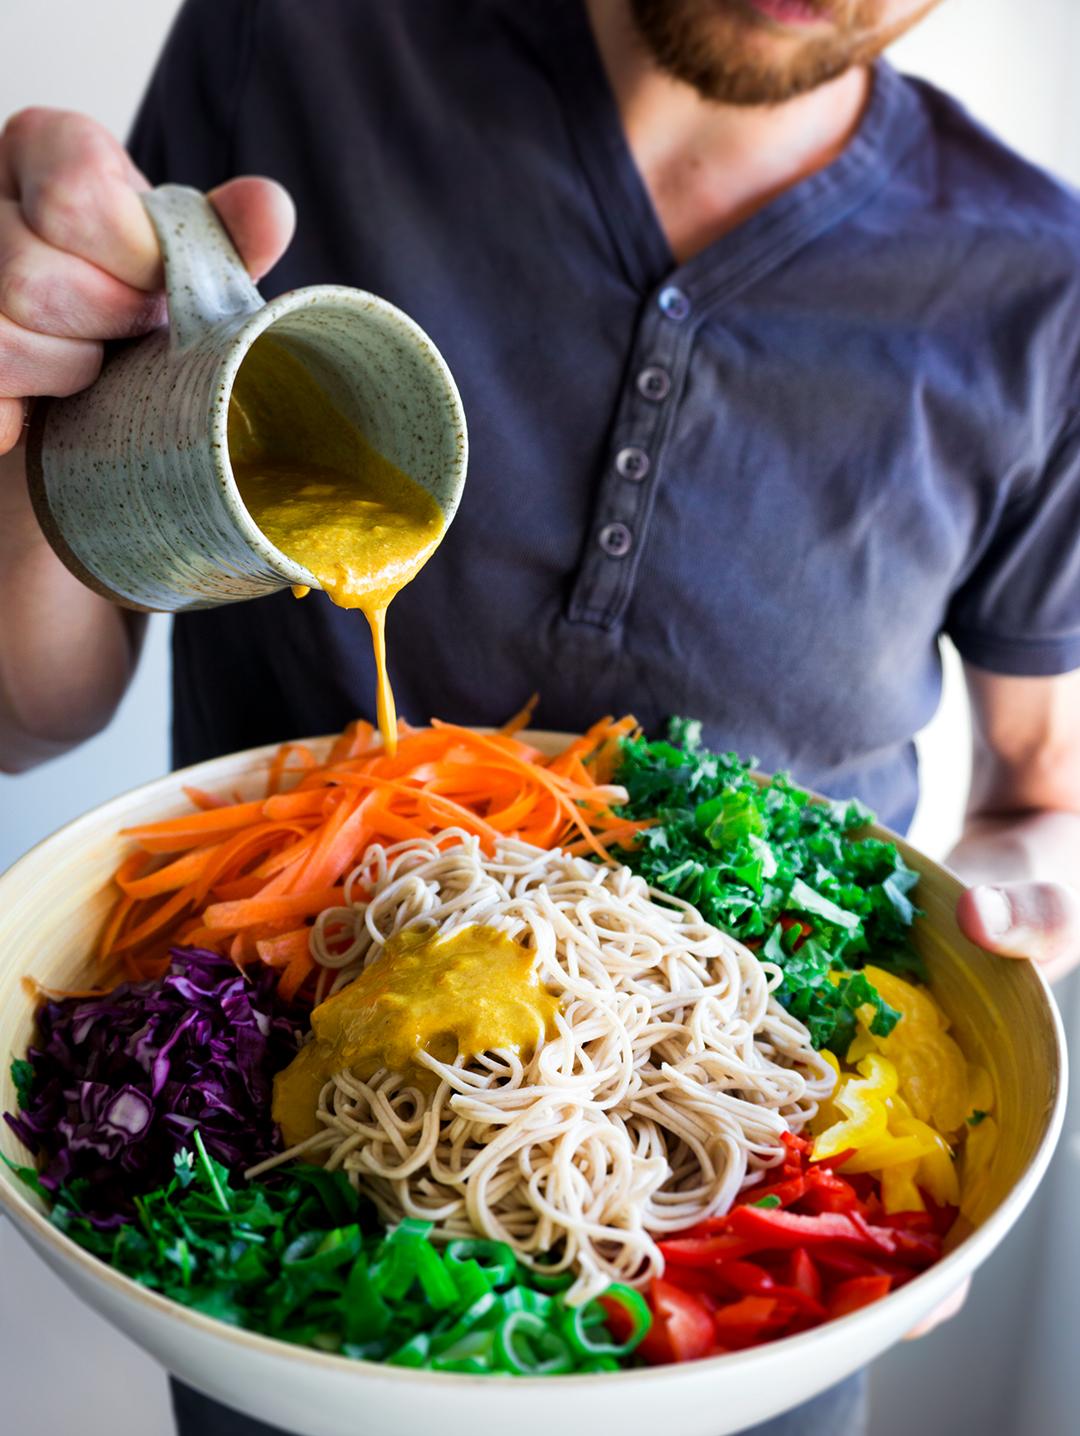 thaise-noedelsalade-olievrije-kerriedressing-vegan-whole-foods-suikervrij-glutenvrije-optie-01.jpg